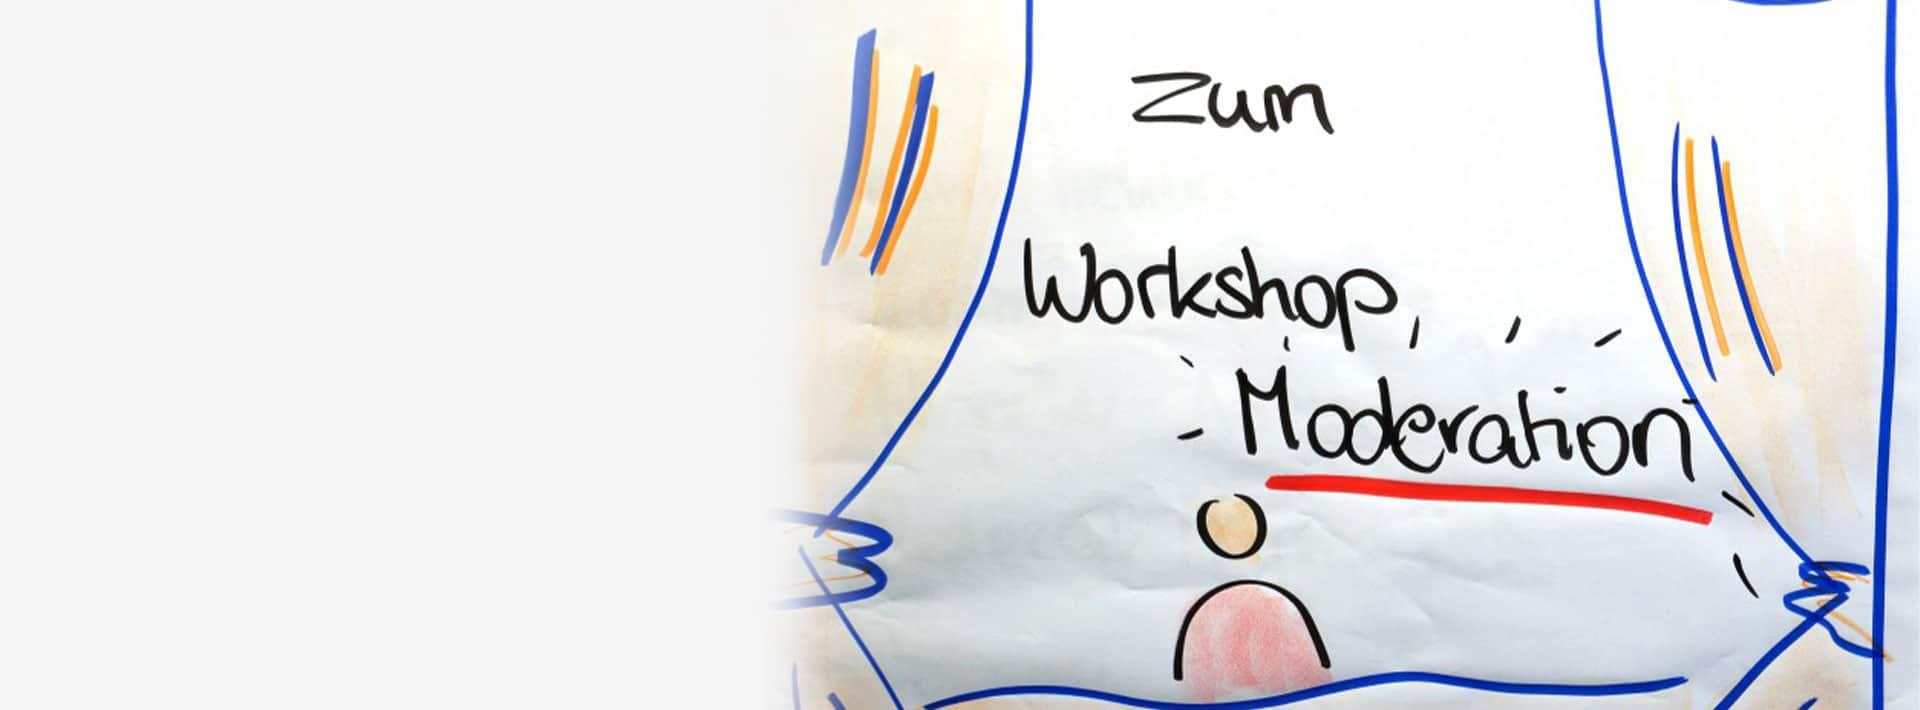 Workshop für erfolgreiche Moderation Blogbeitrag